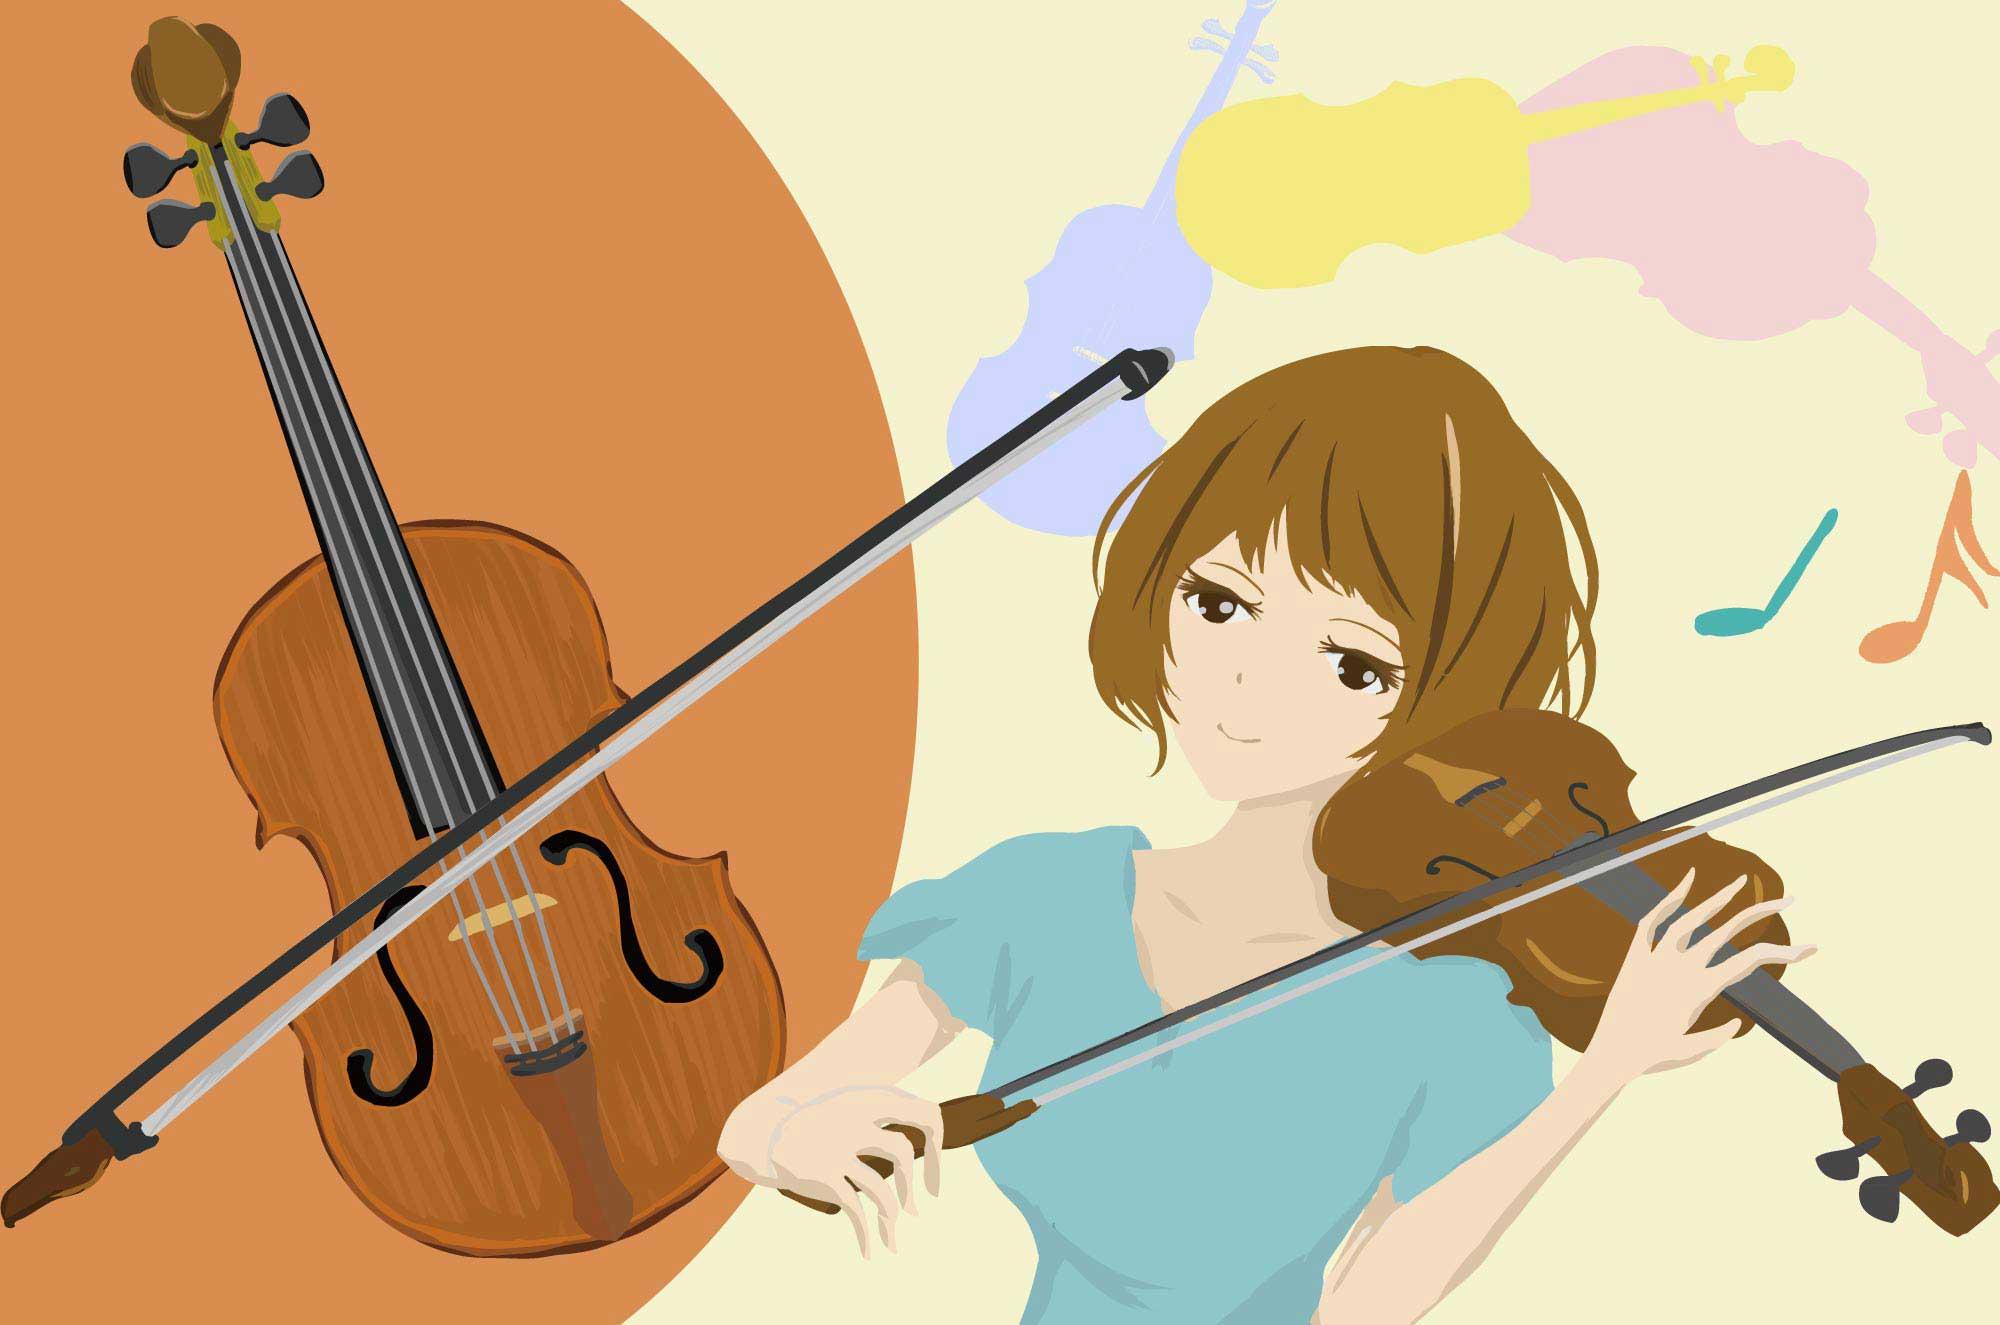 バイオリンのイラスト - 可愛い手描きの楽器無料素材